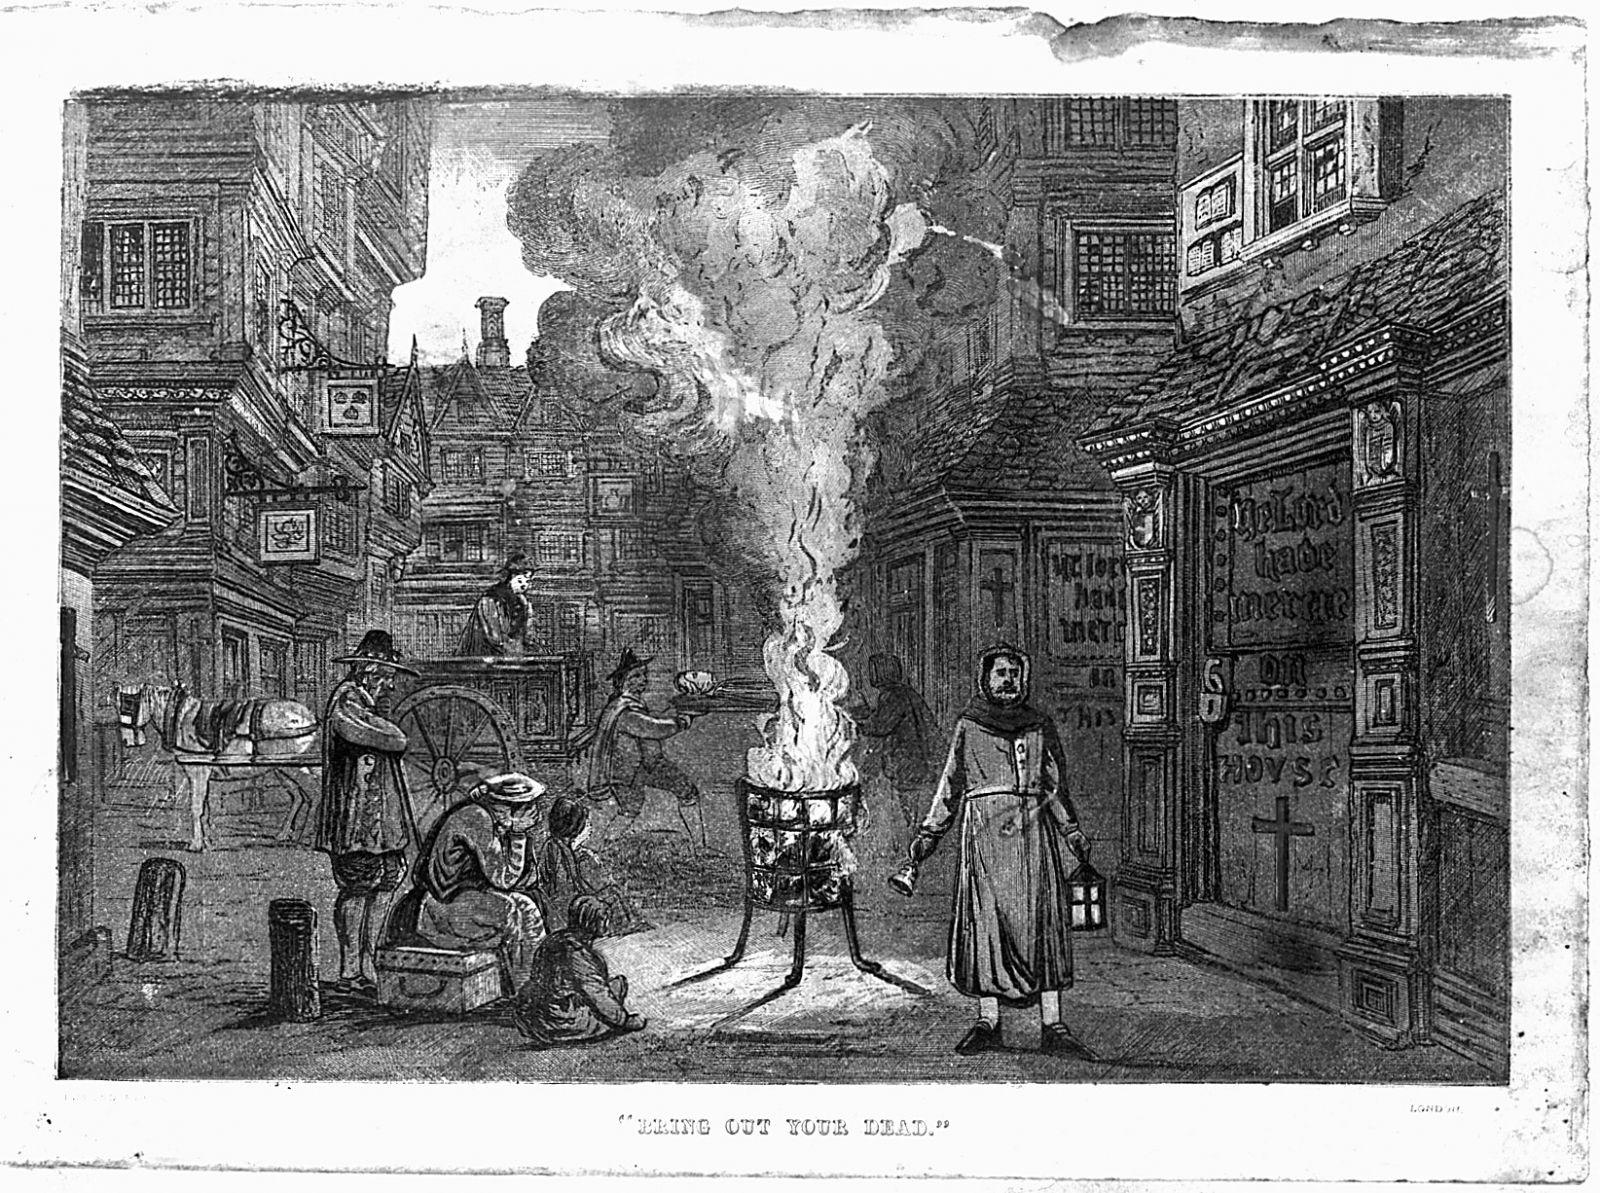 великая чума, Лондон, выносите своих мертвецов